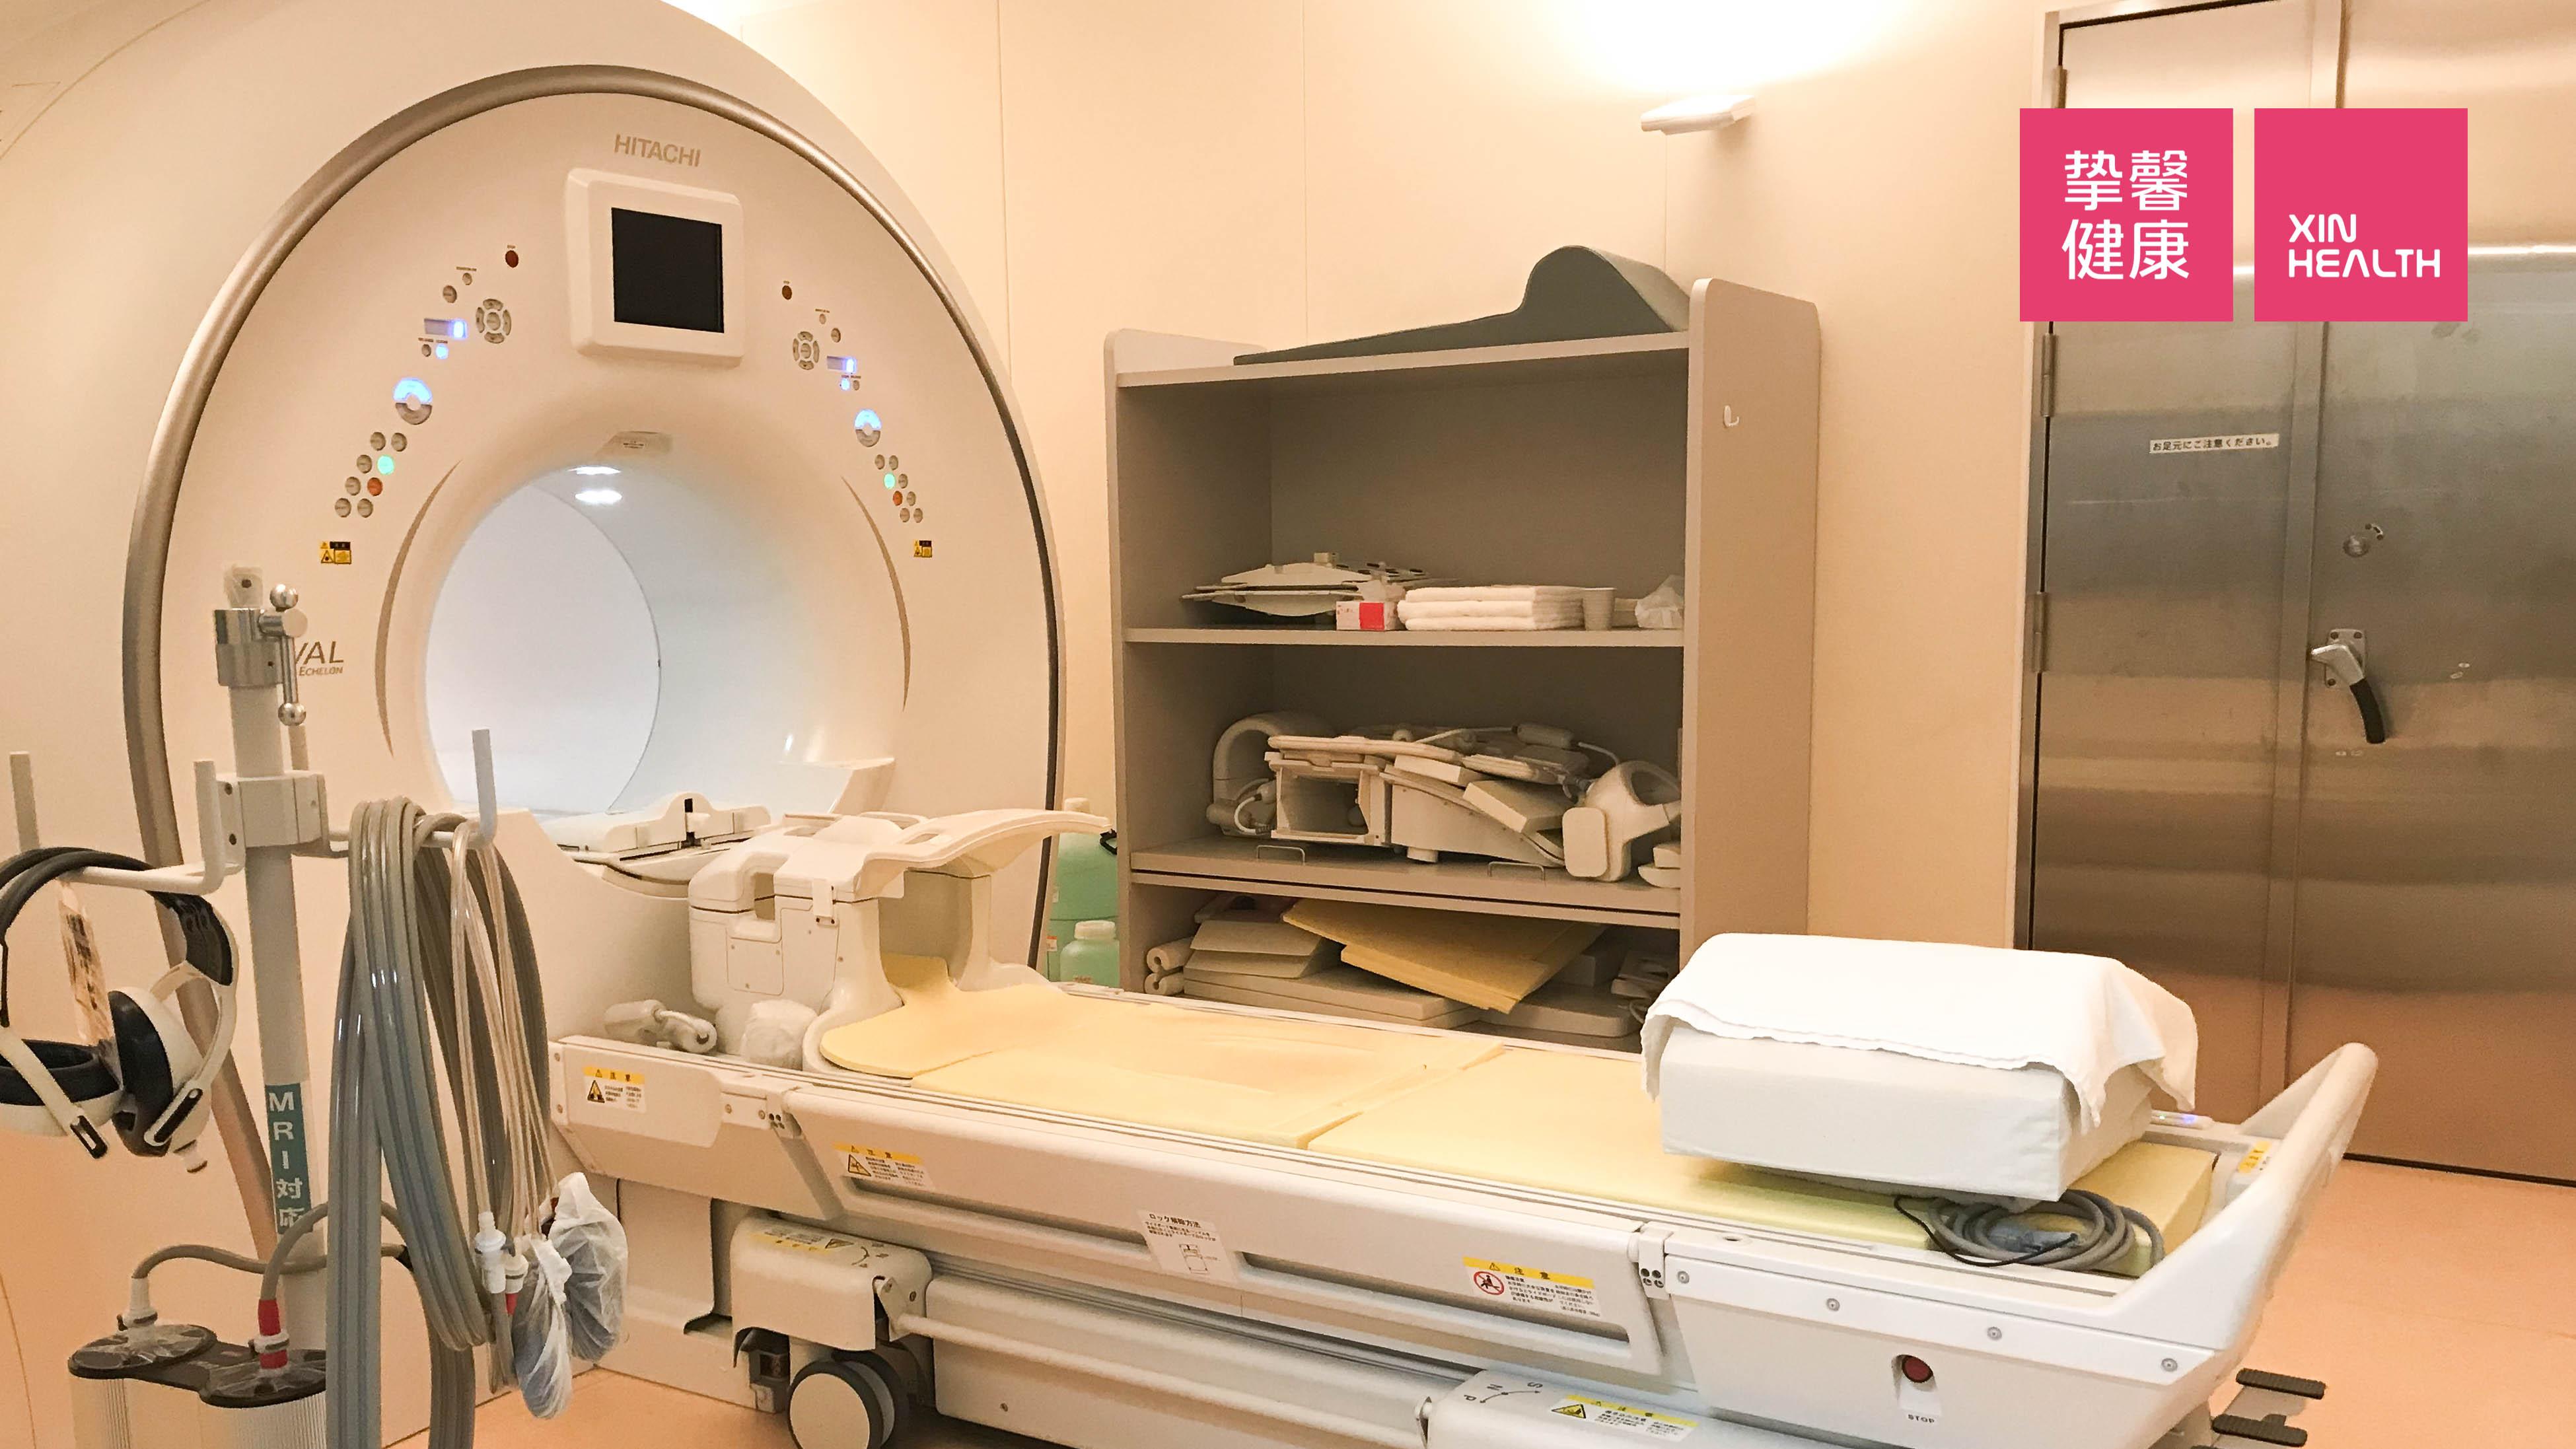 核磁共振 MRI 检查设备